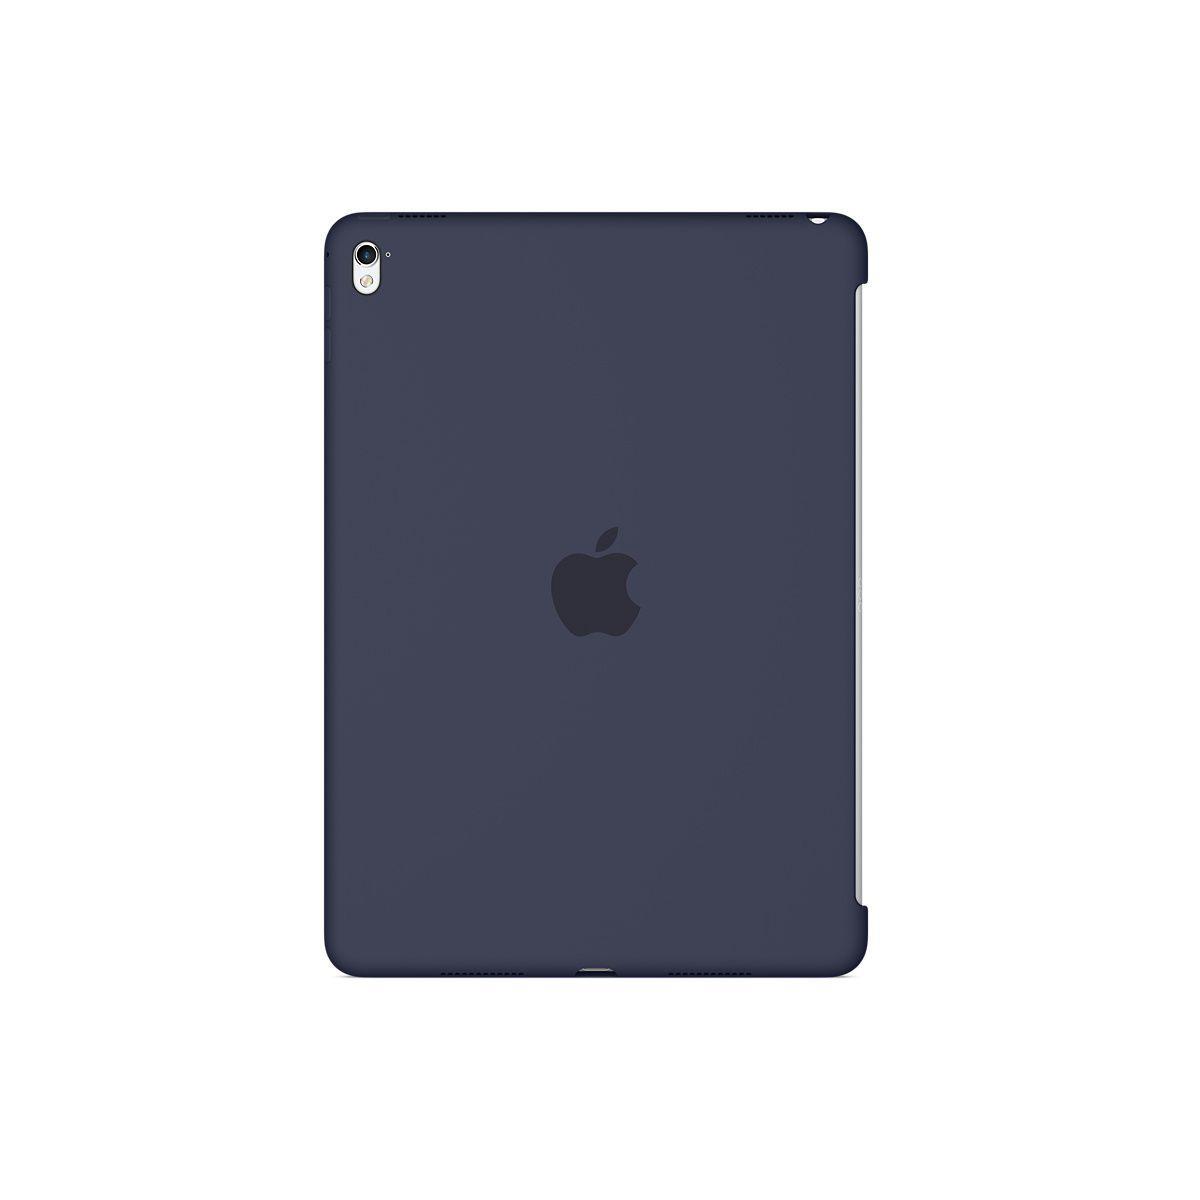 Coque apple silicone bleu nuit ipad pro 9.7'' - livraison offerte : code liv (photo)